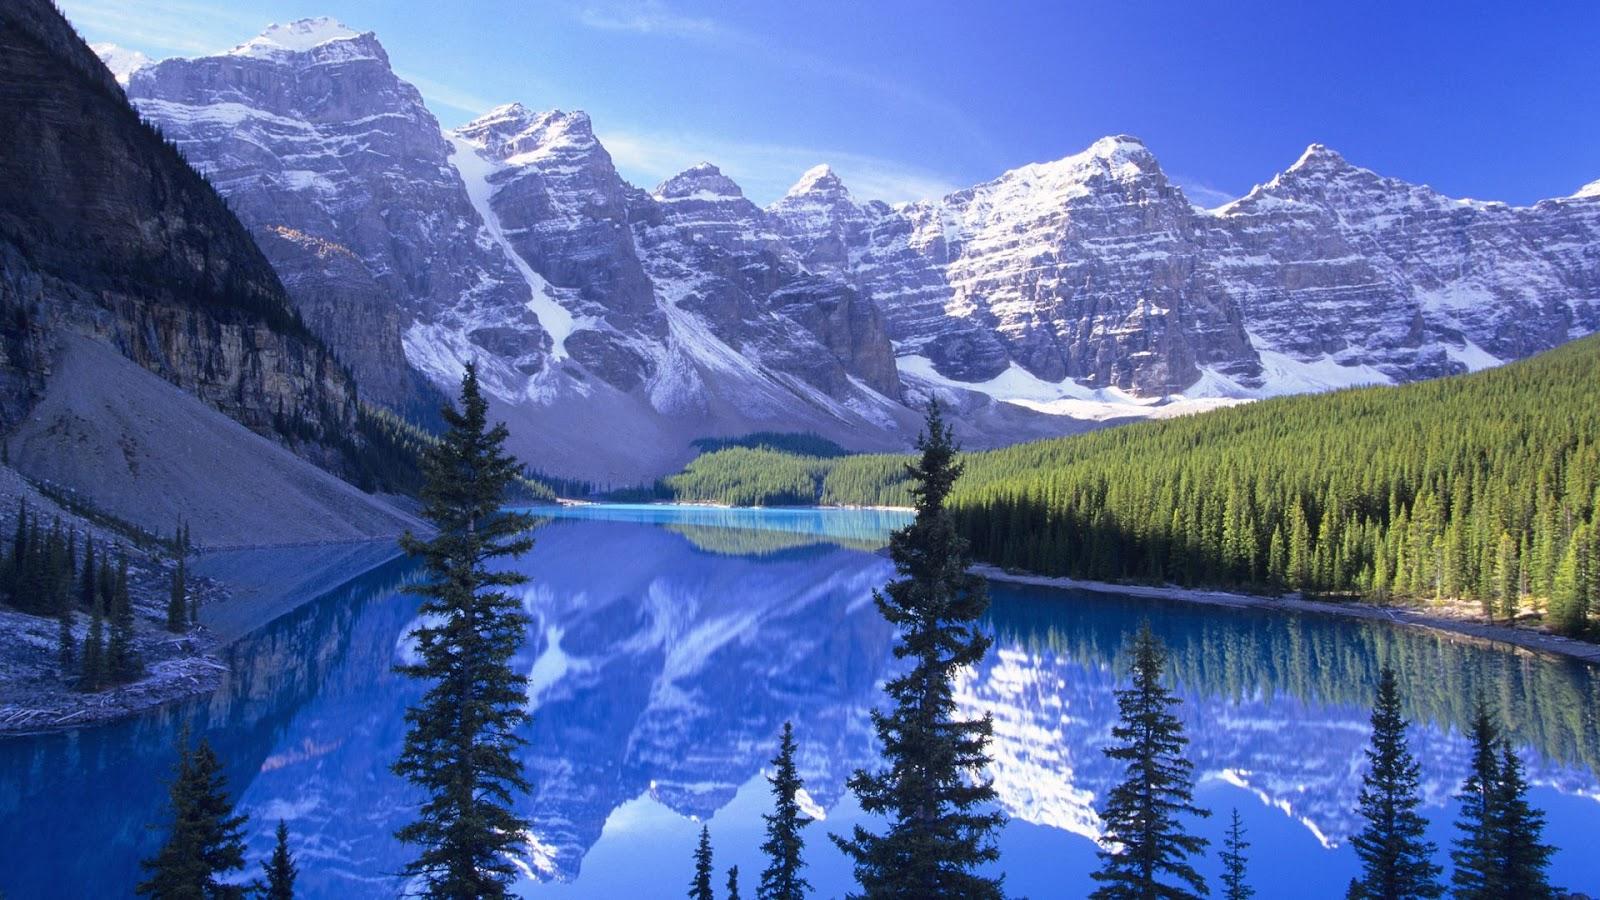 http://1.bp.blogspot.com/-QdxoJRCtPCc/Ty6mlSgGkEI/AAAAAAAAAuM/qXI_8z7qgtM/s1600/Snowy+Mountain-Wallpaper-HD.jpg